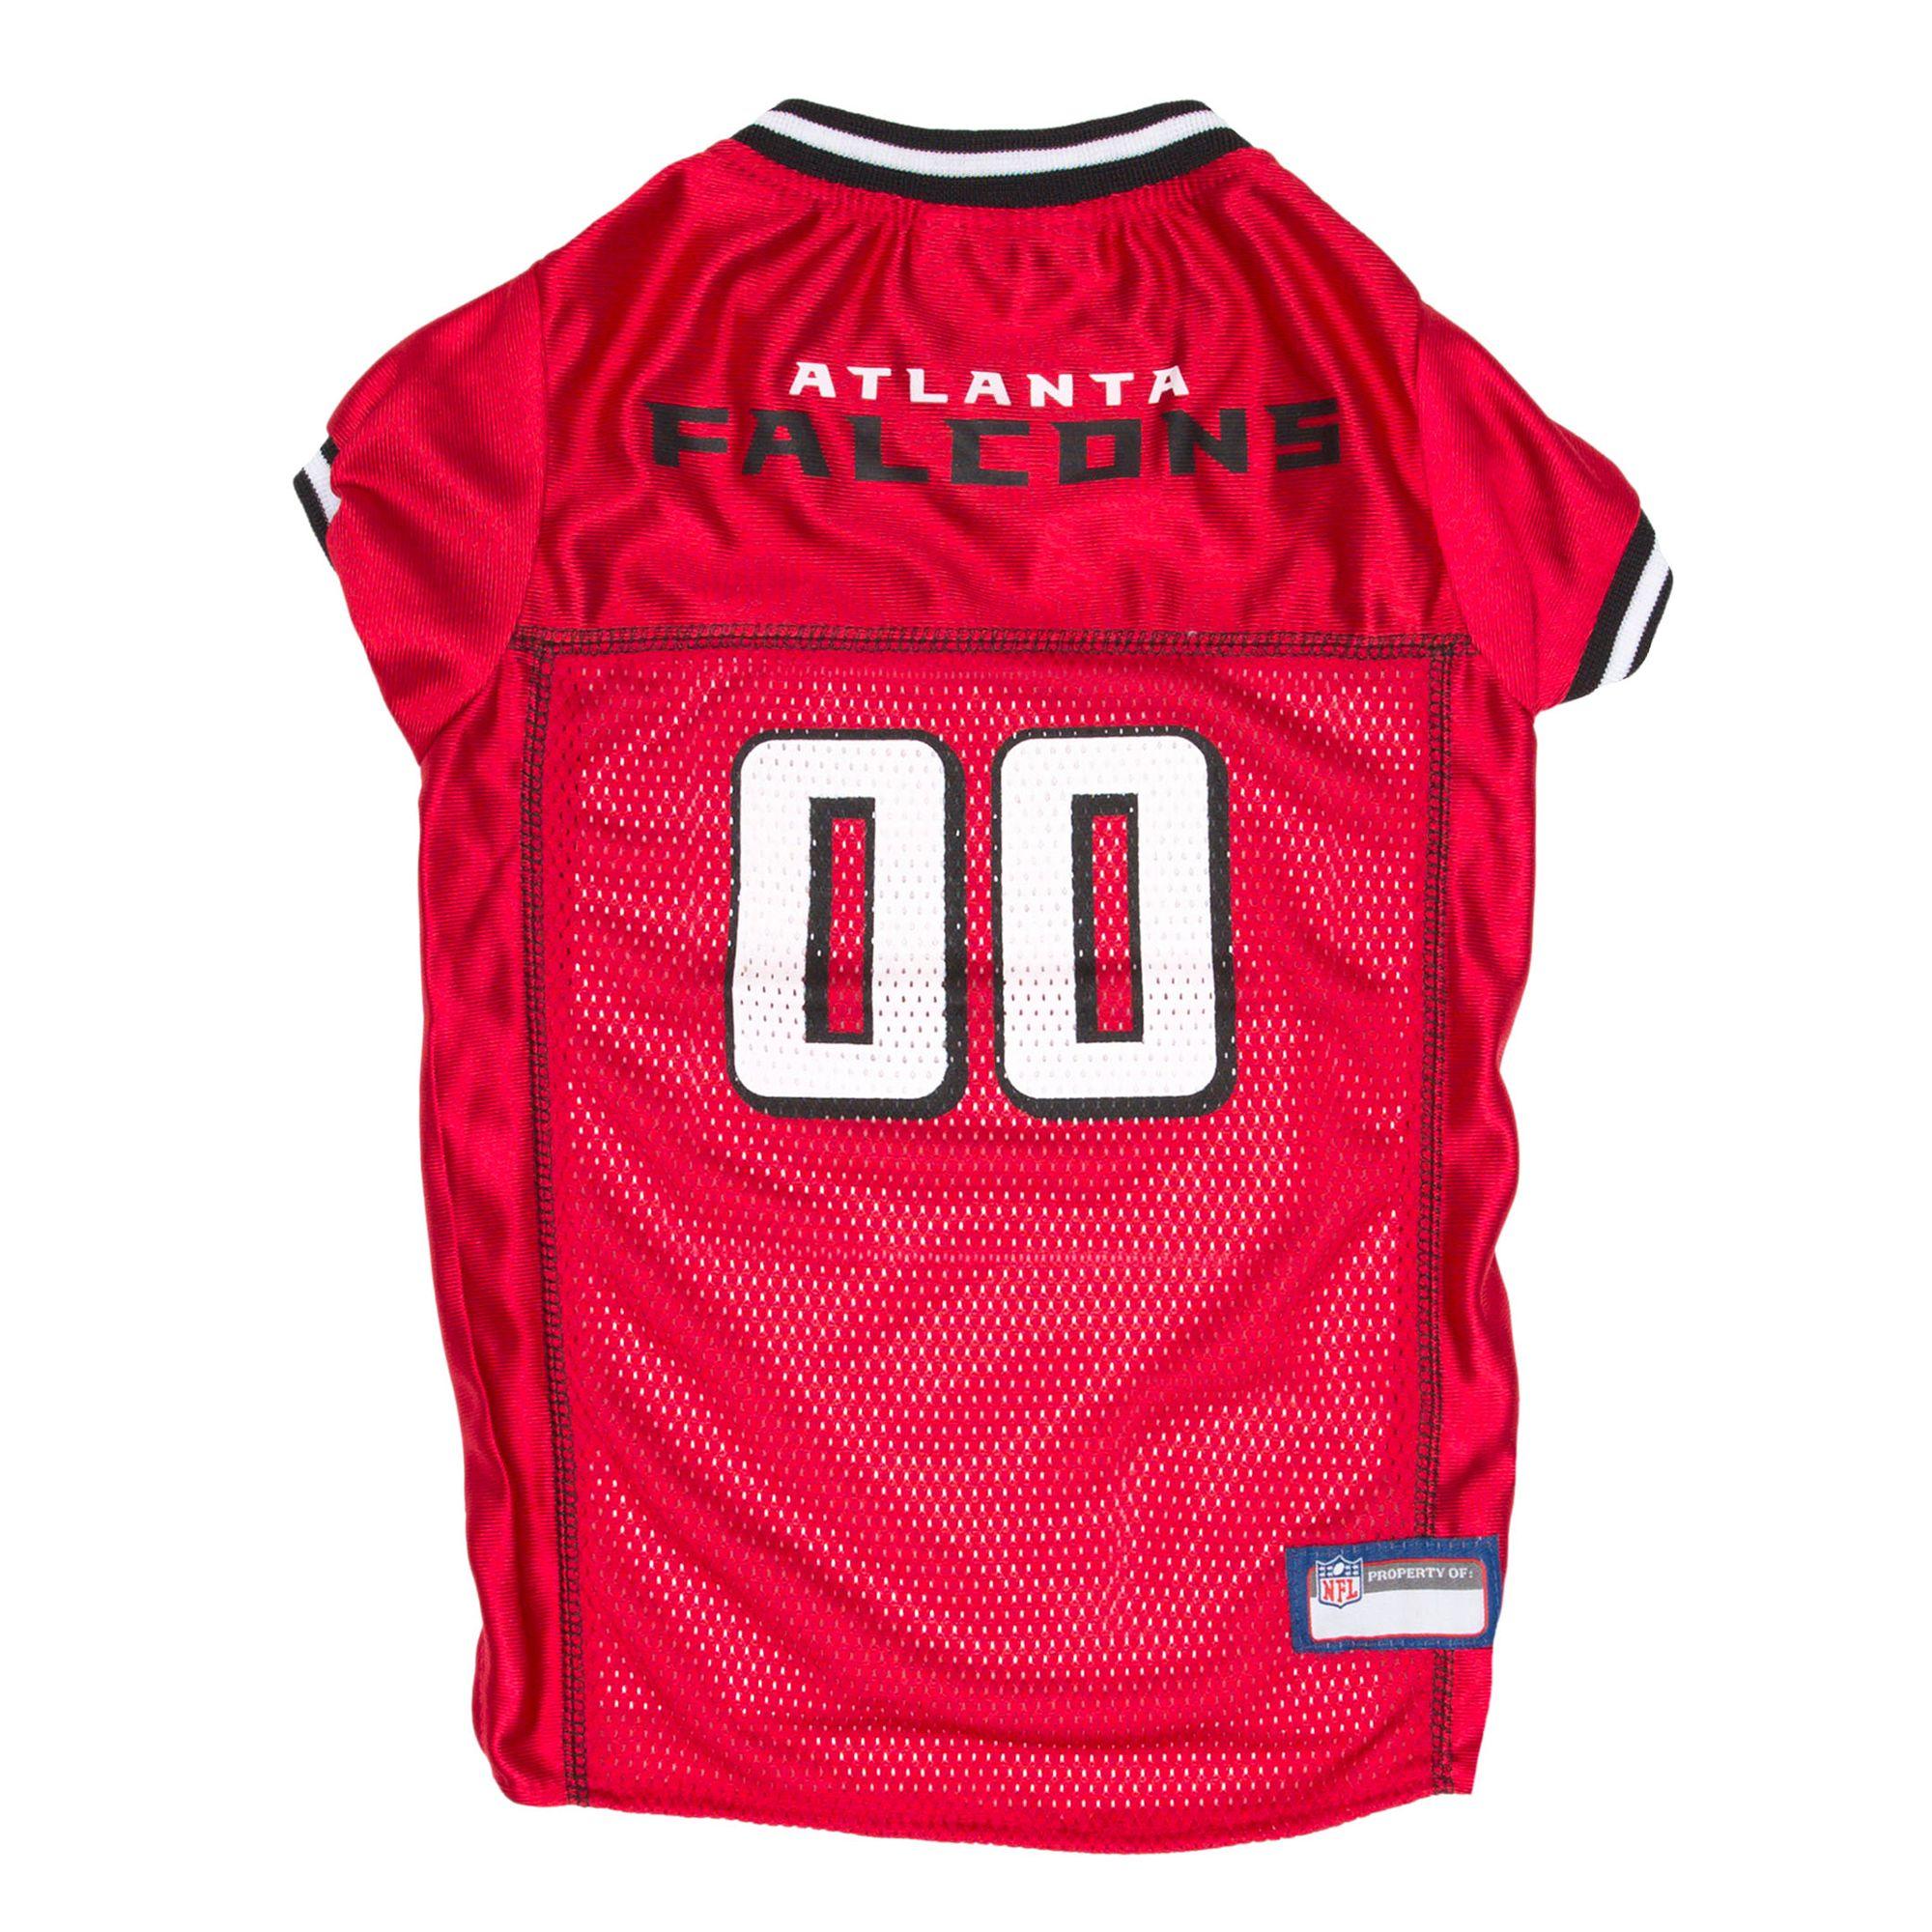 sports jerseys atlanta